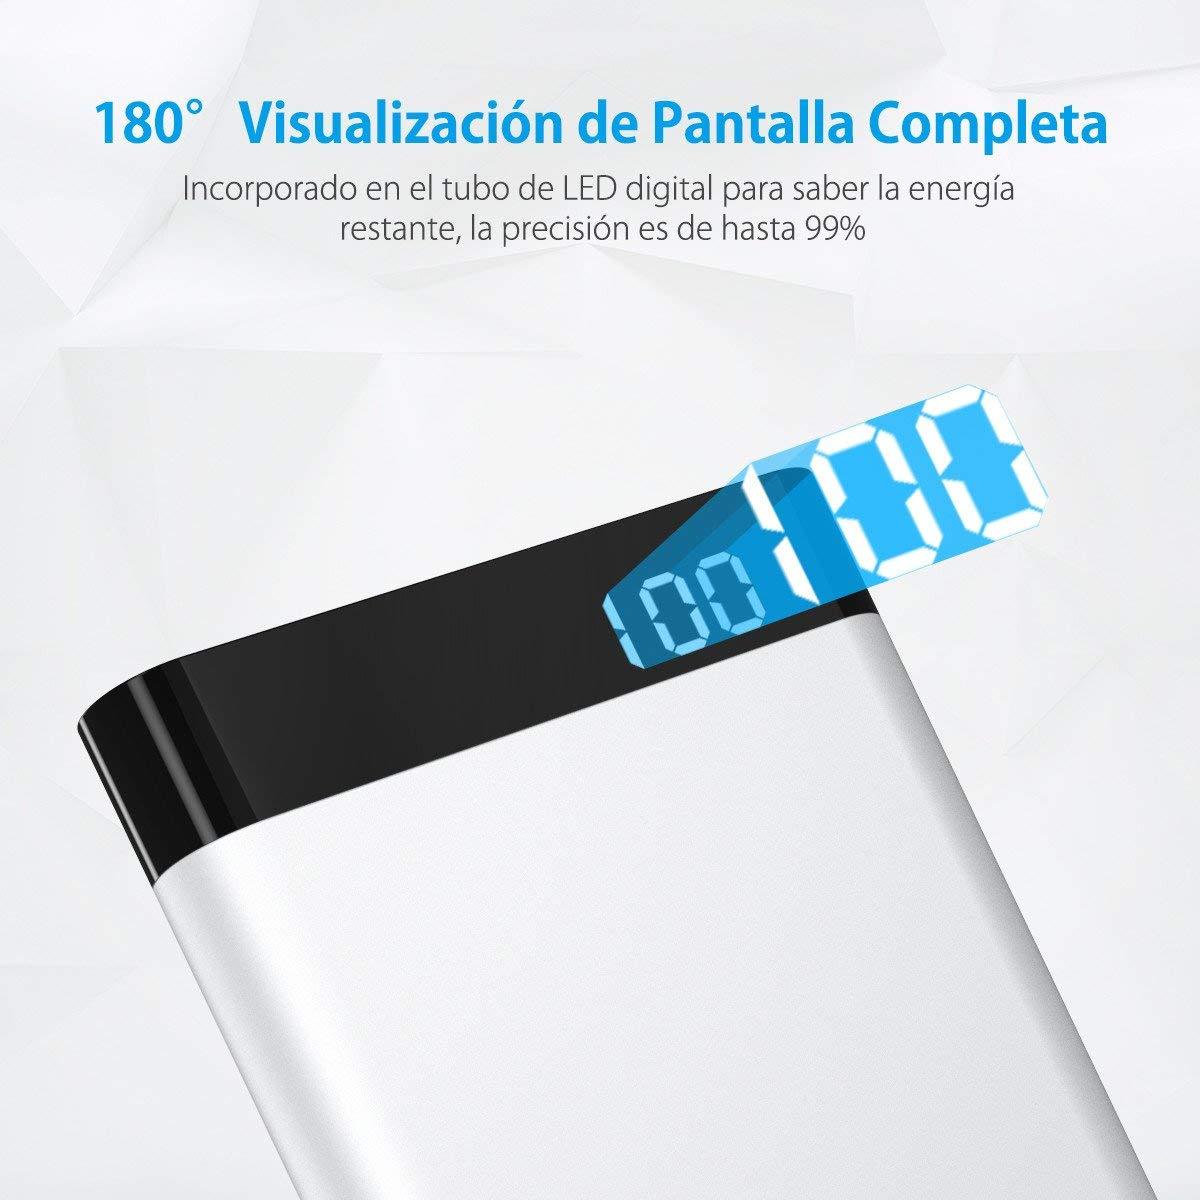 POWERADD Virgo I USB Type C Batería Externa de 10000mAh con Pantalla LED Digital Cargador Portátil Type C de Entrada y Salida (Cable USB Tipo C y Micro Cable Incluidos)-Argentado